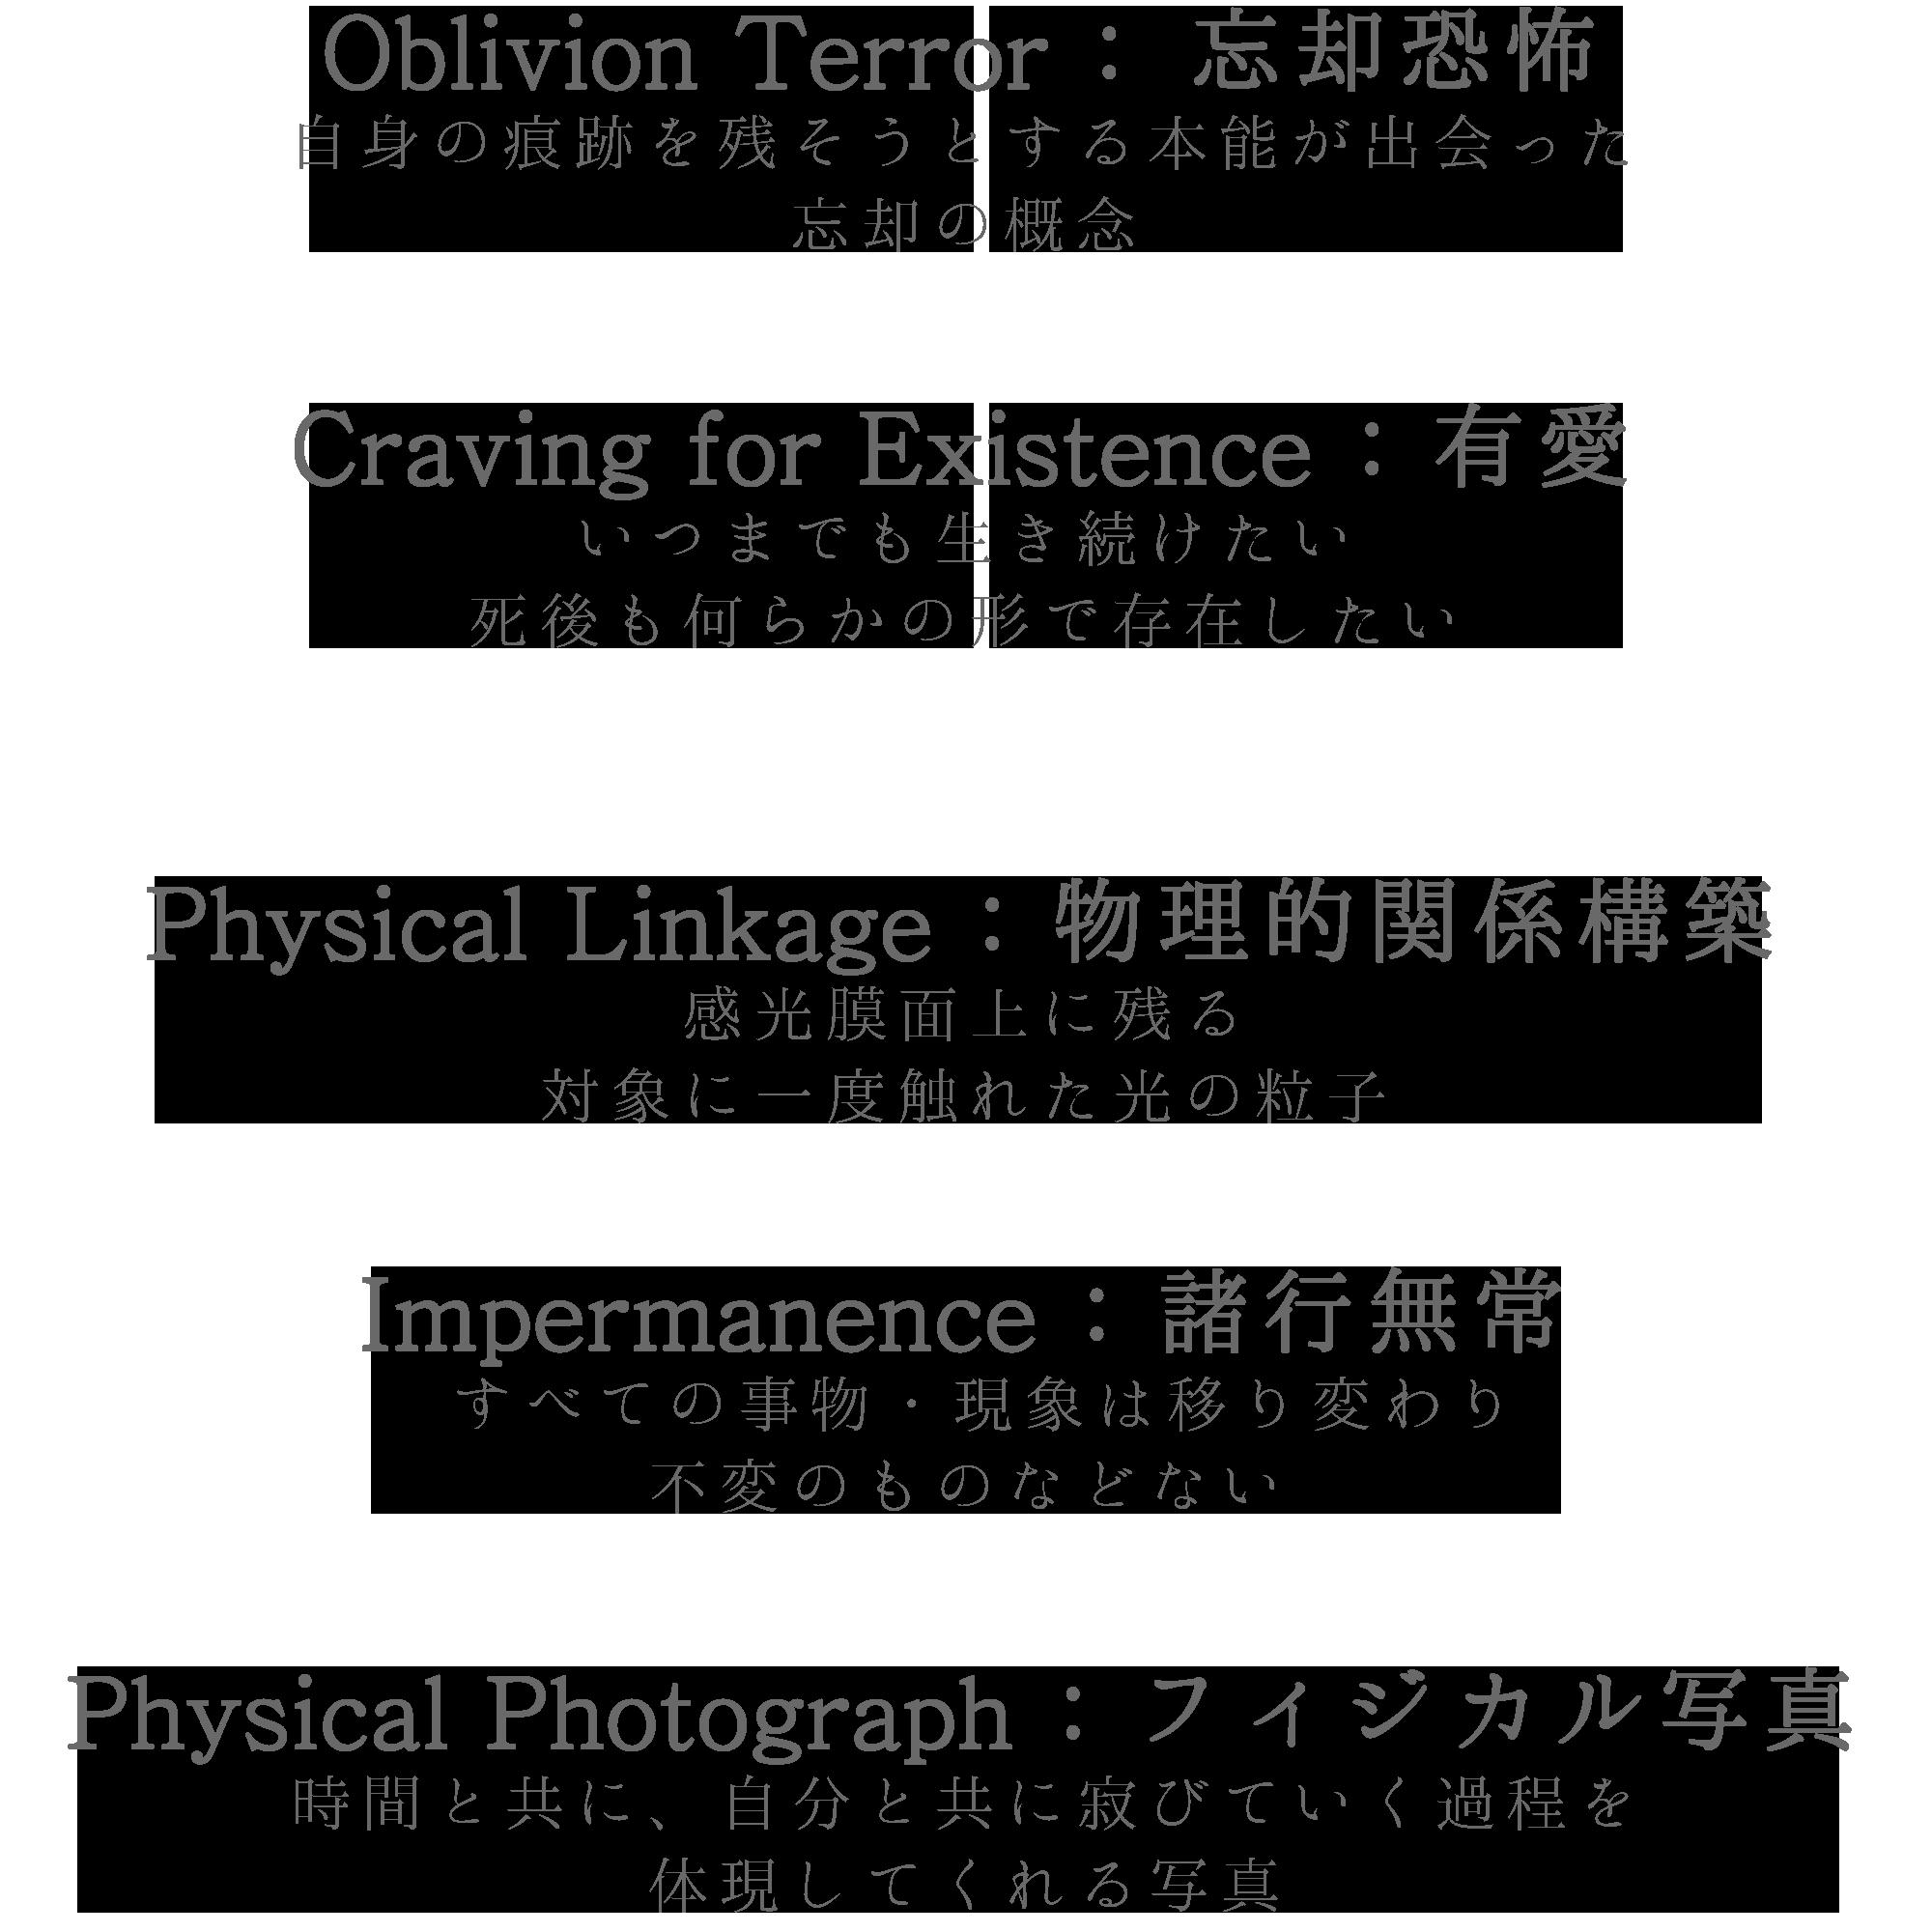 """Artist Statement    残したい対象に一度触れて跳ね返ってきた光の粒子(光子/Photon)を感光膜面上で物質的に保存する。それを見る私の目、網膜にその光の粒子たちが飛び込んでくる。すると、その写真を見る私と被写体の間には """"Physical Linkage( ... つづきをみる"""